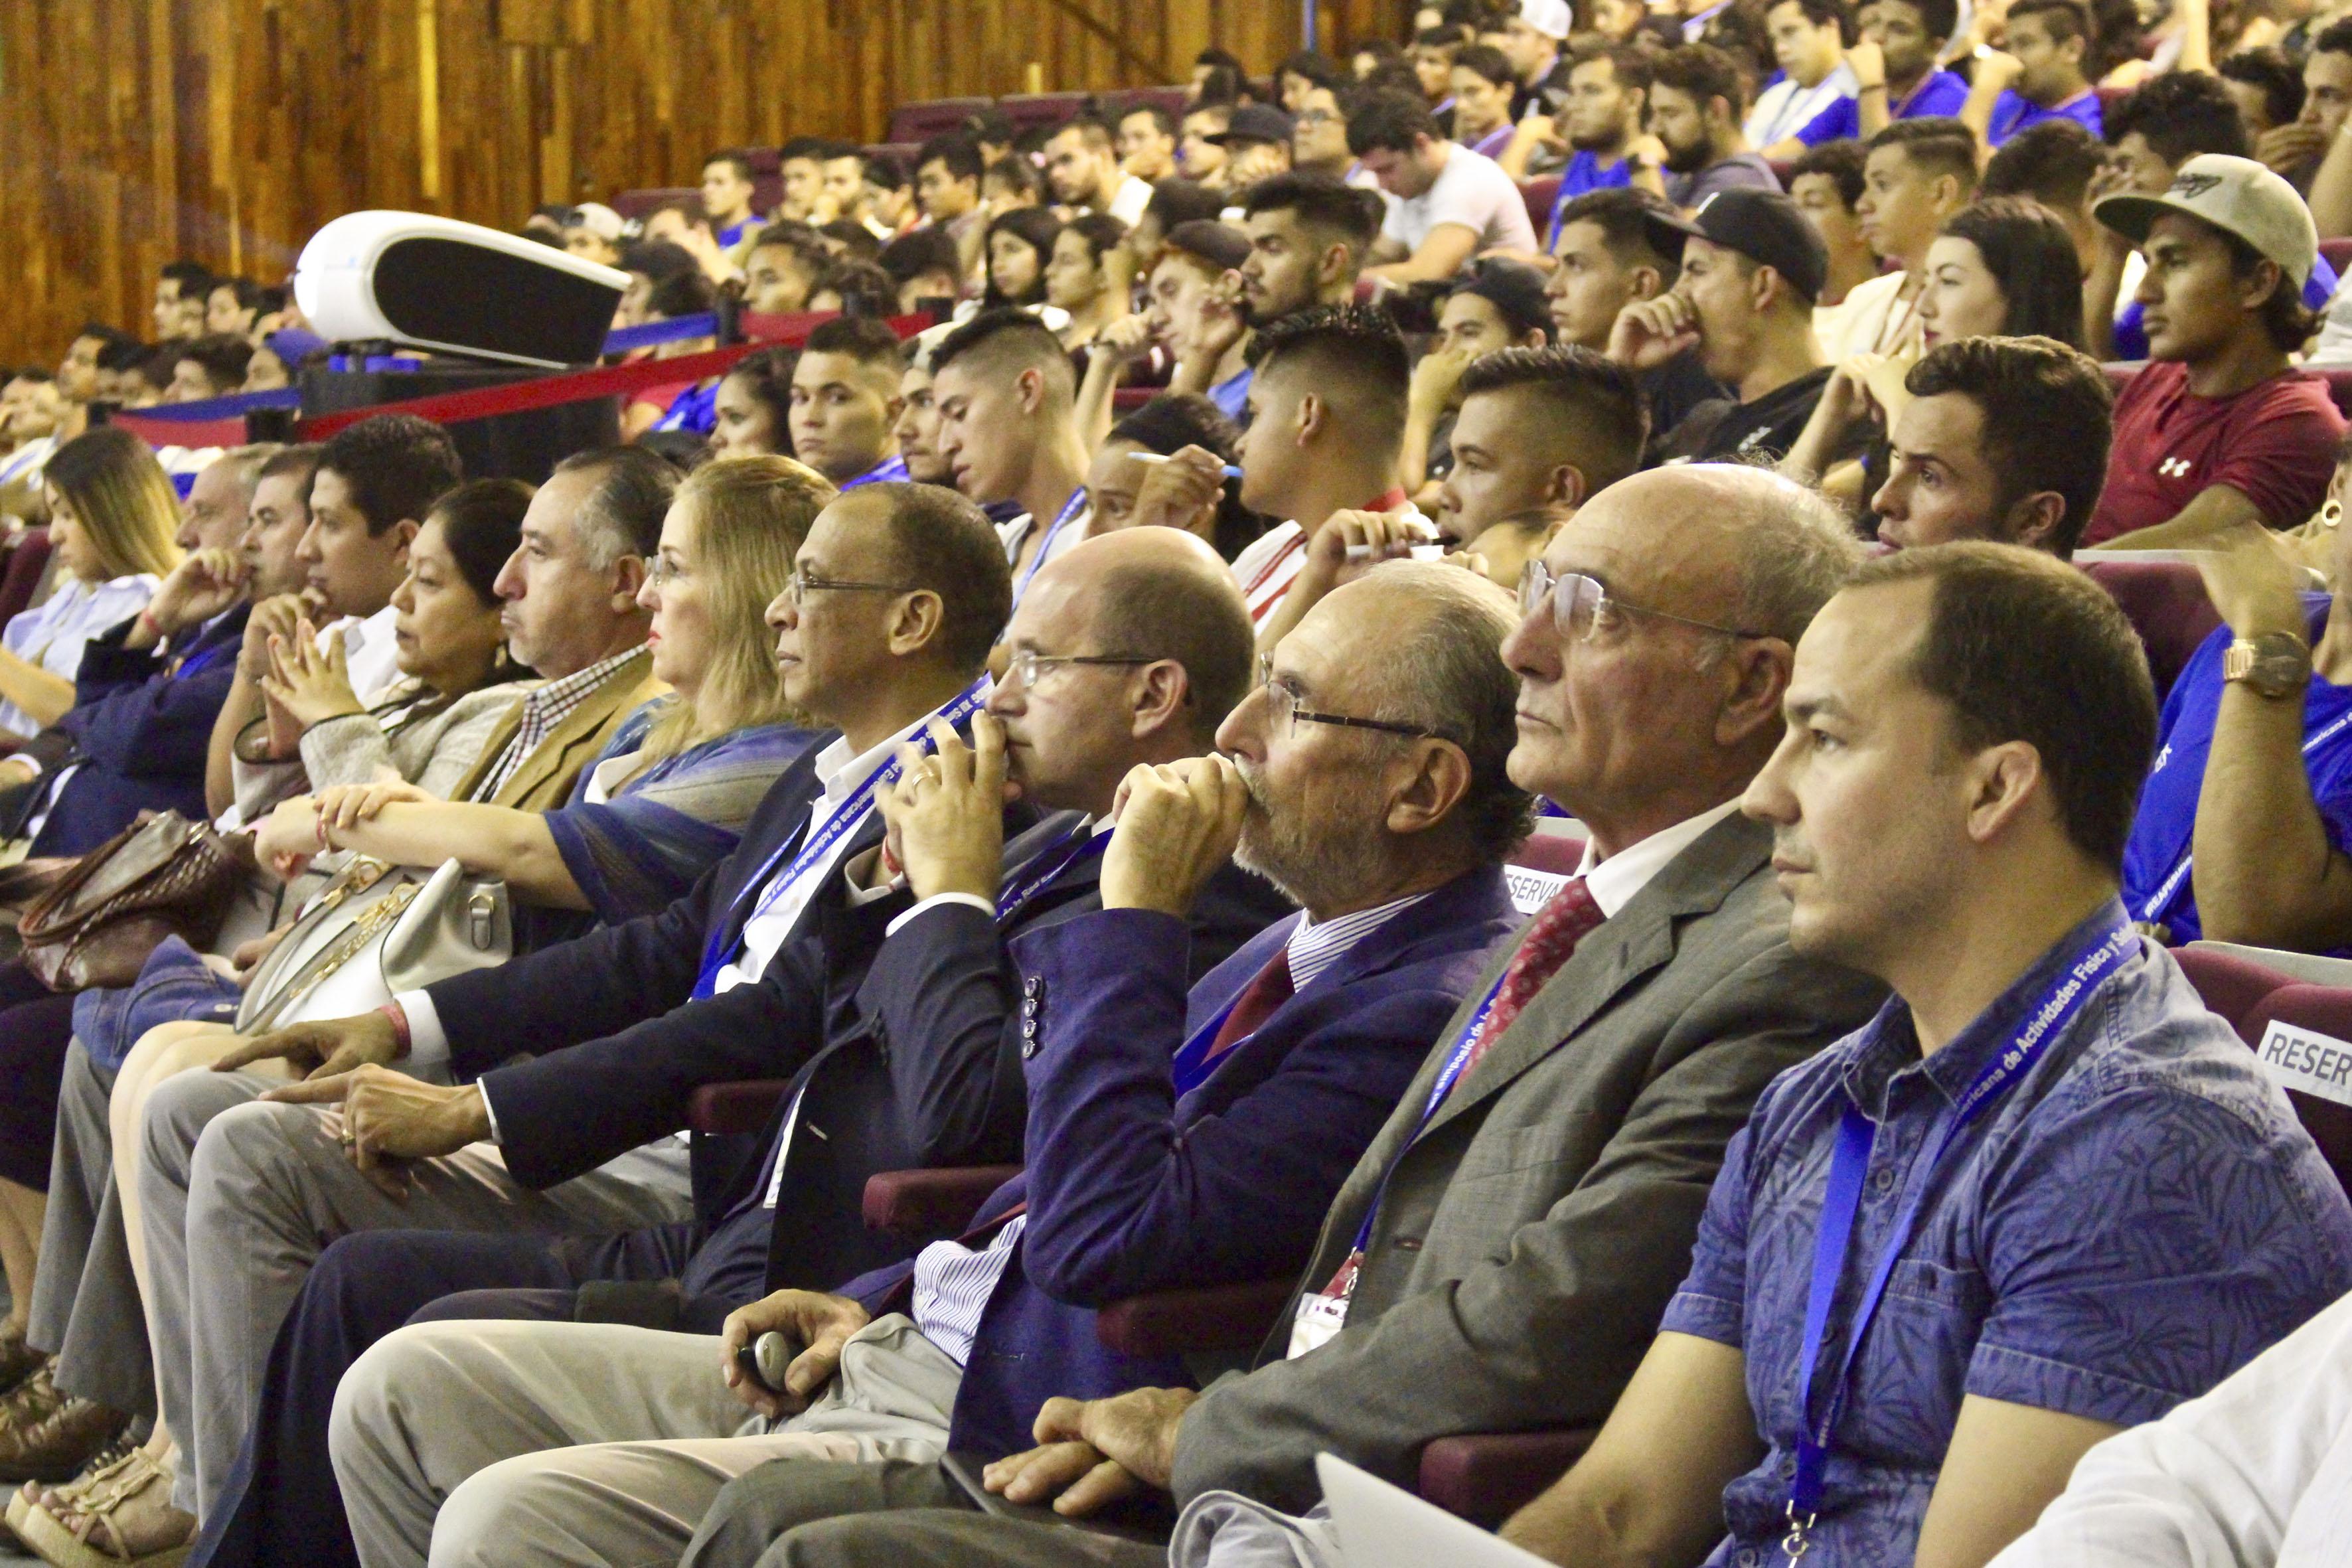 Profesionales y estudiantes de la cultura física, participando en la ceremonia de inauguración.